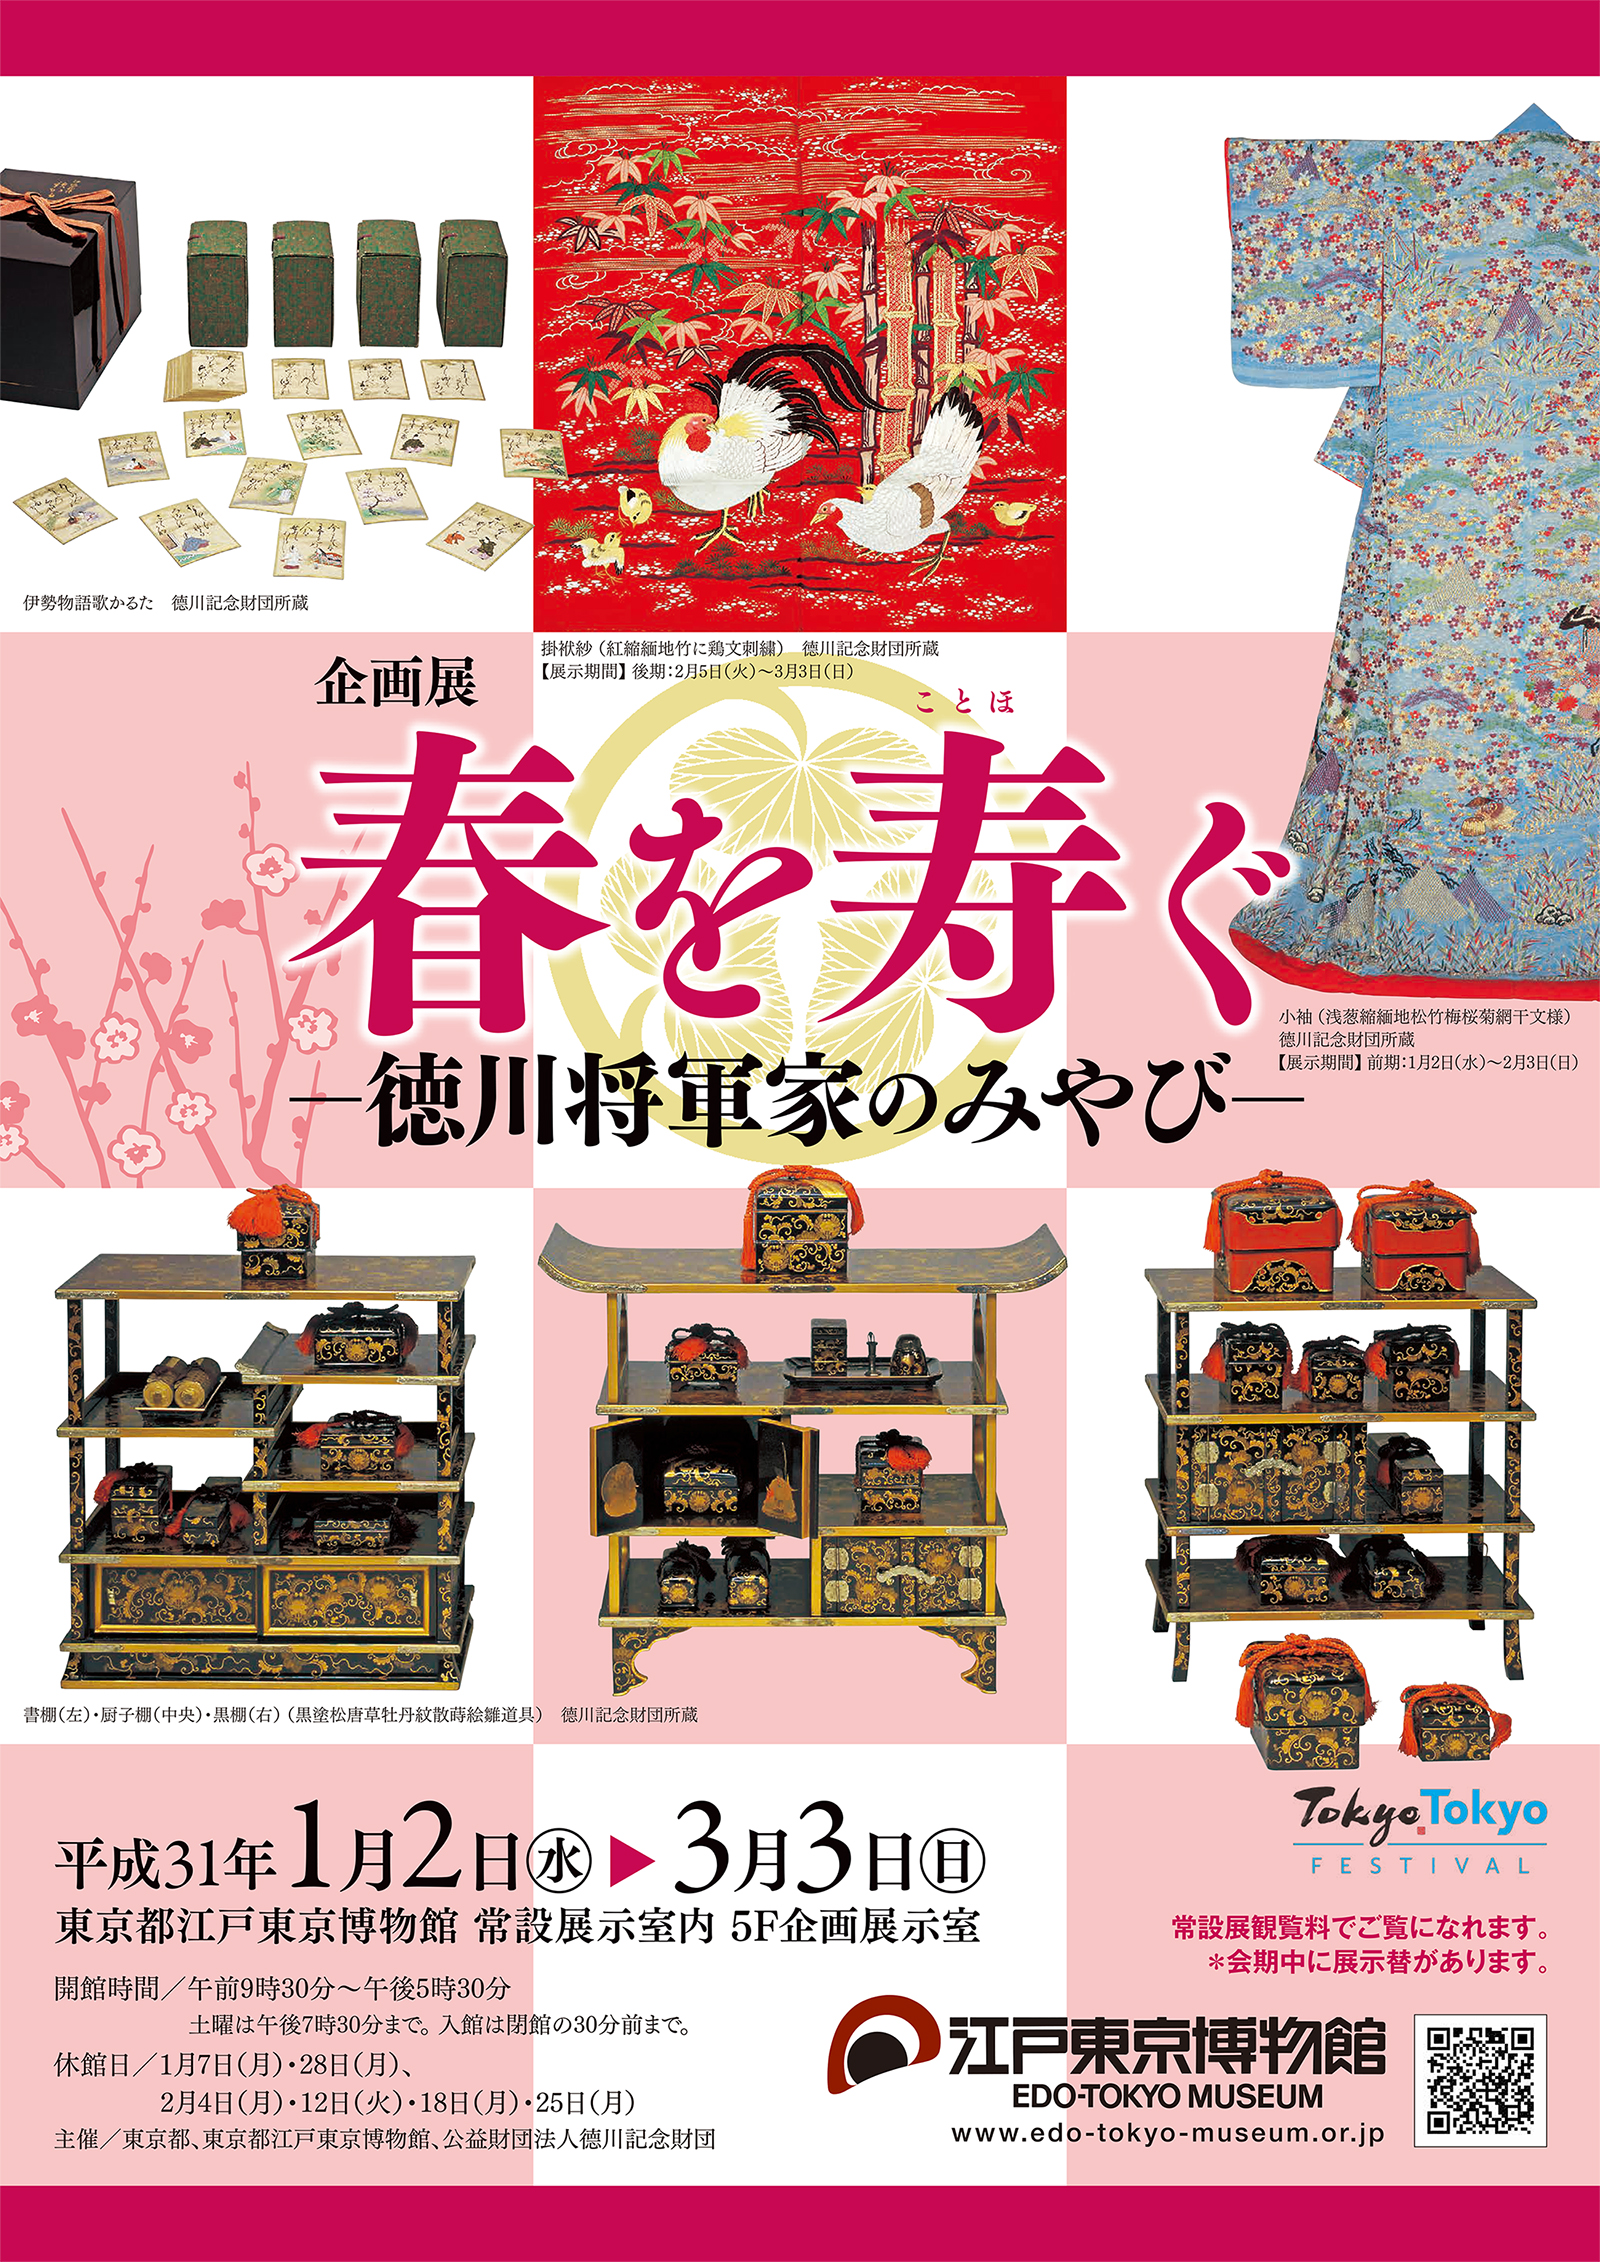 公益財団法人東京都歴史文化財団